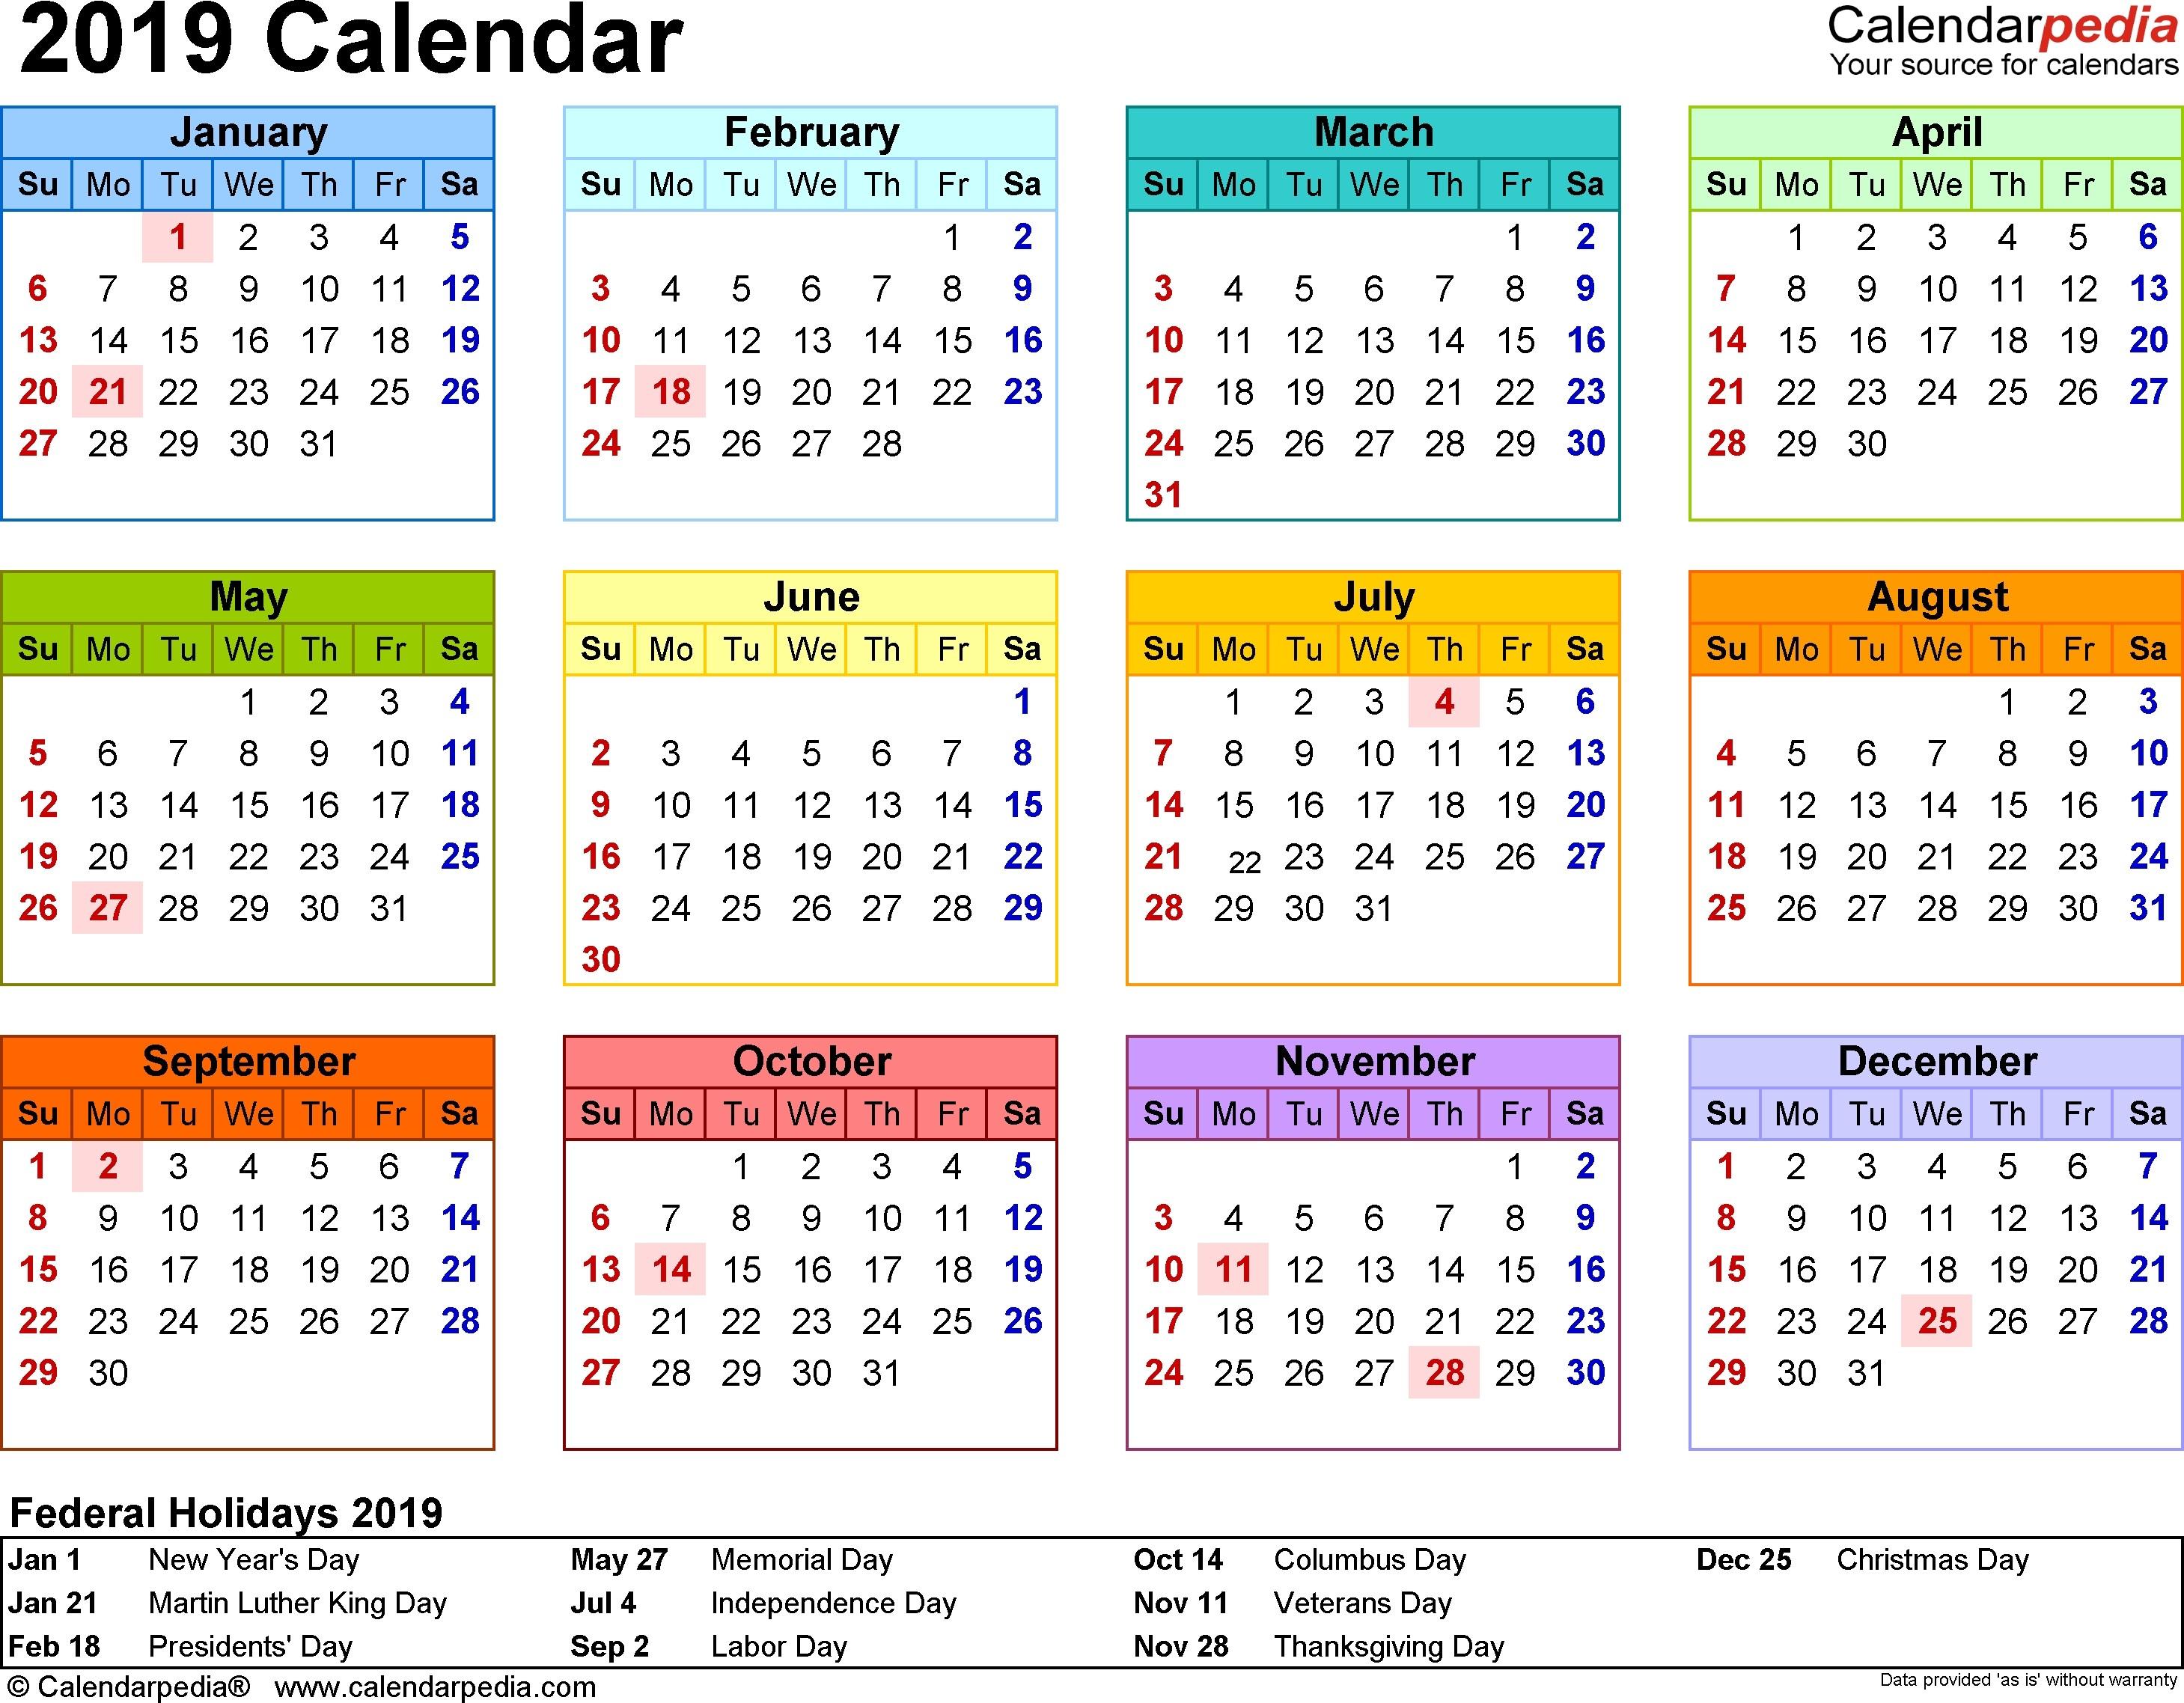 Calendario 2019 Brasil Pdf Más Recientes Calendar Printable018 2018 11 Of Calendario 2019 Brasil Pdf Más Populares Pr³ Reitoria De Extens£o